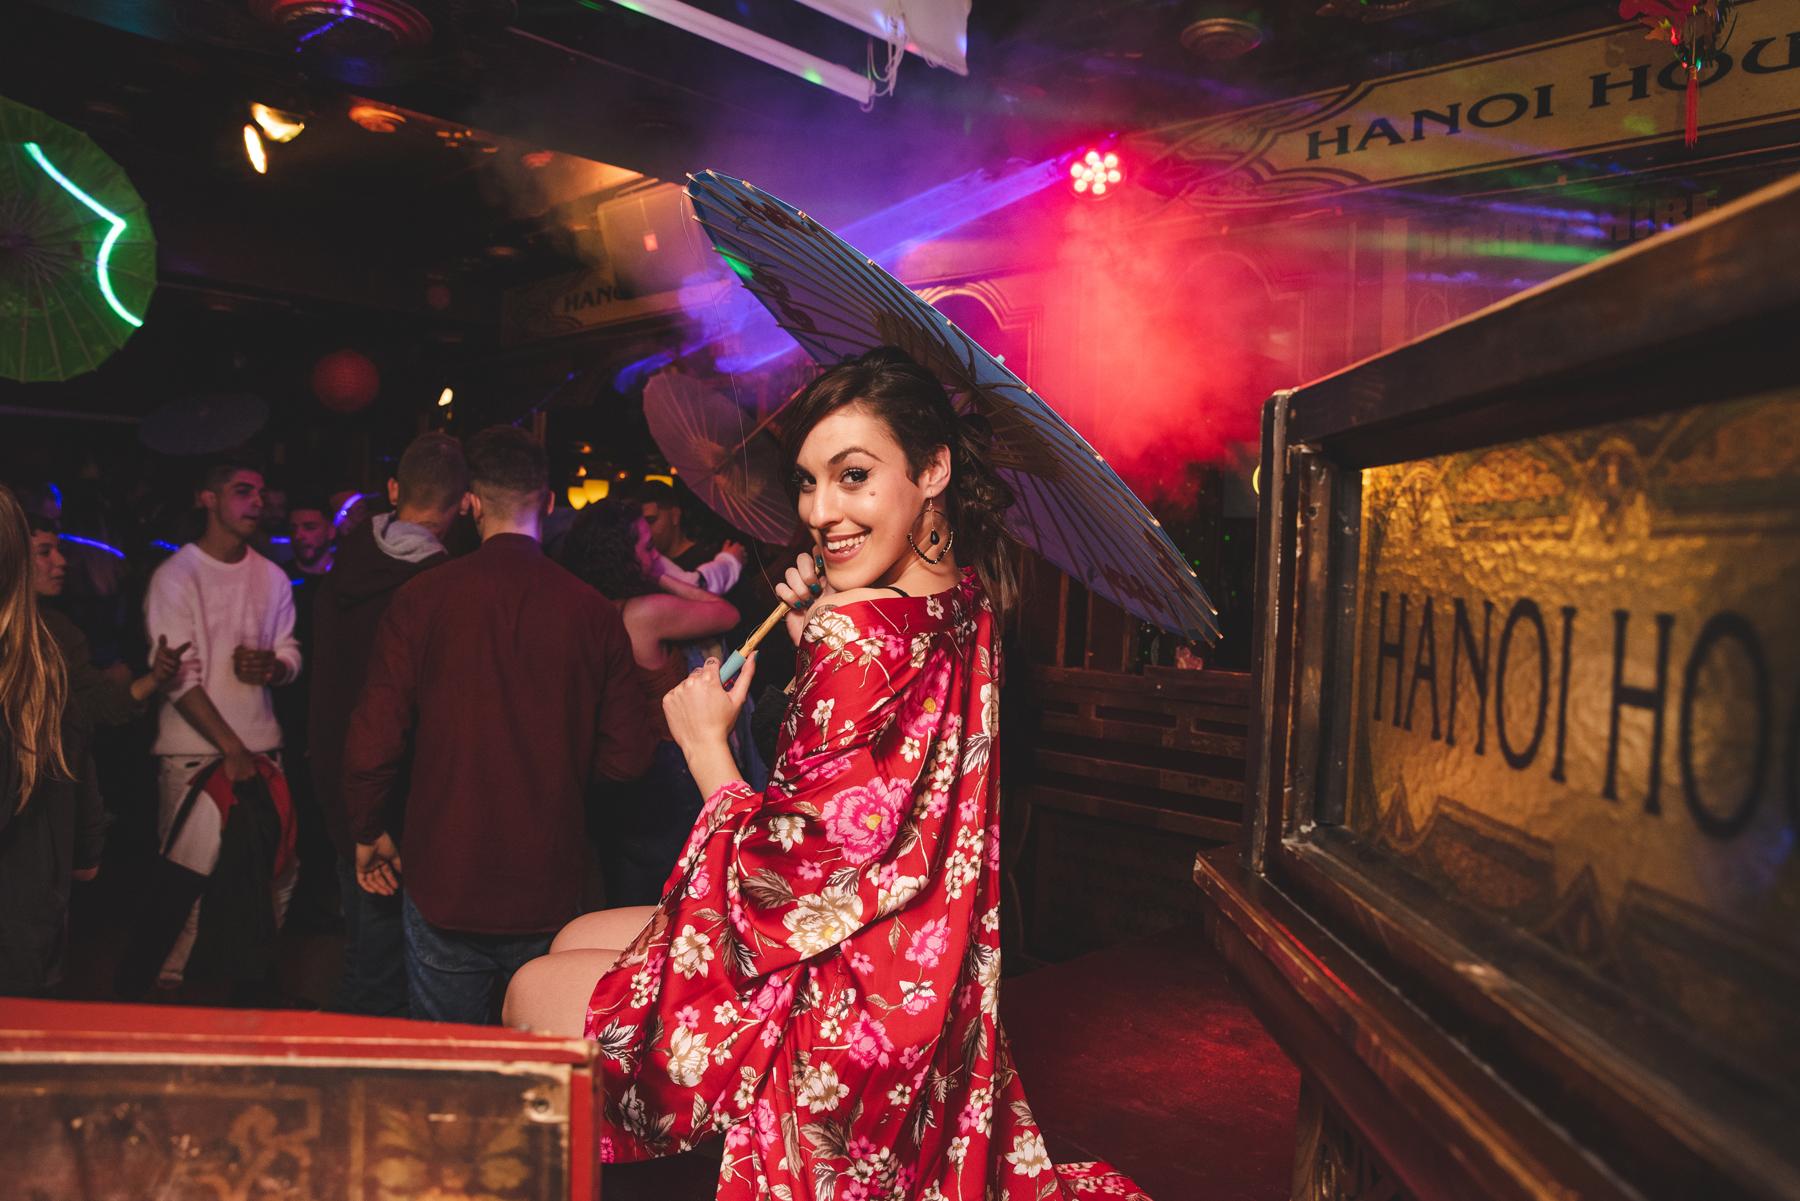 Hanoi Hause